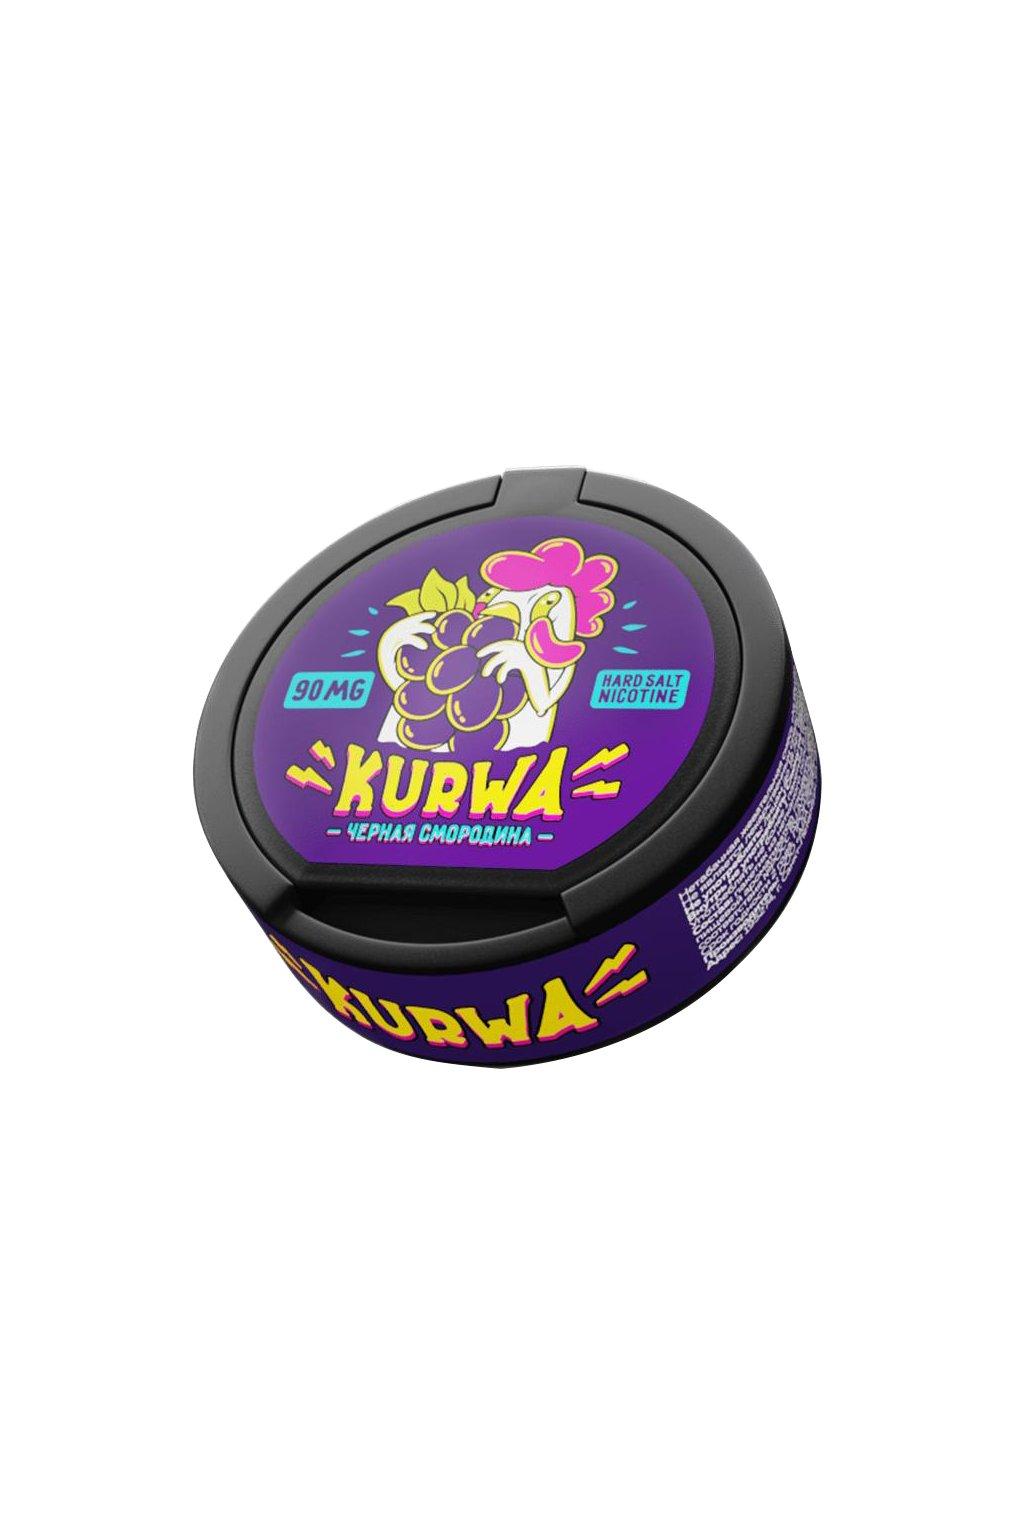 Kurwa black currant nikotinové sáčky z ruska nordiction